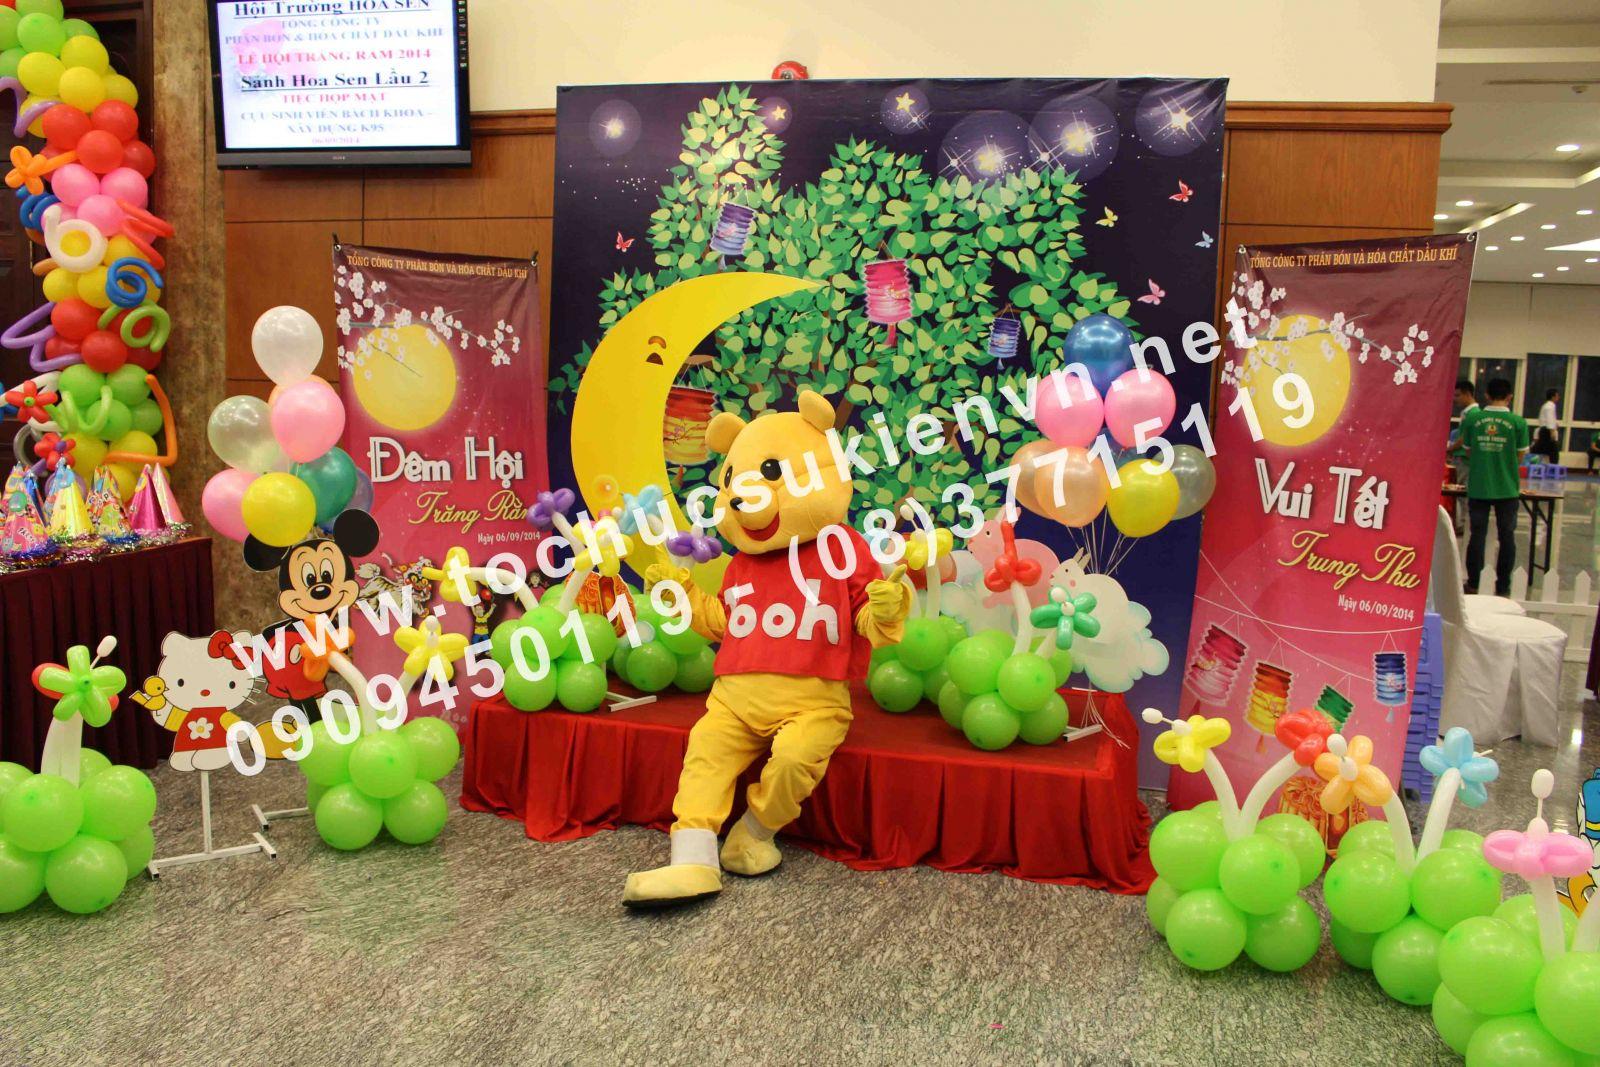 Cho thuê mascot gấu pooh, chuột micky Ngàn Thông 4